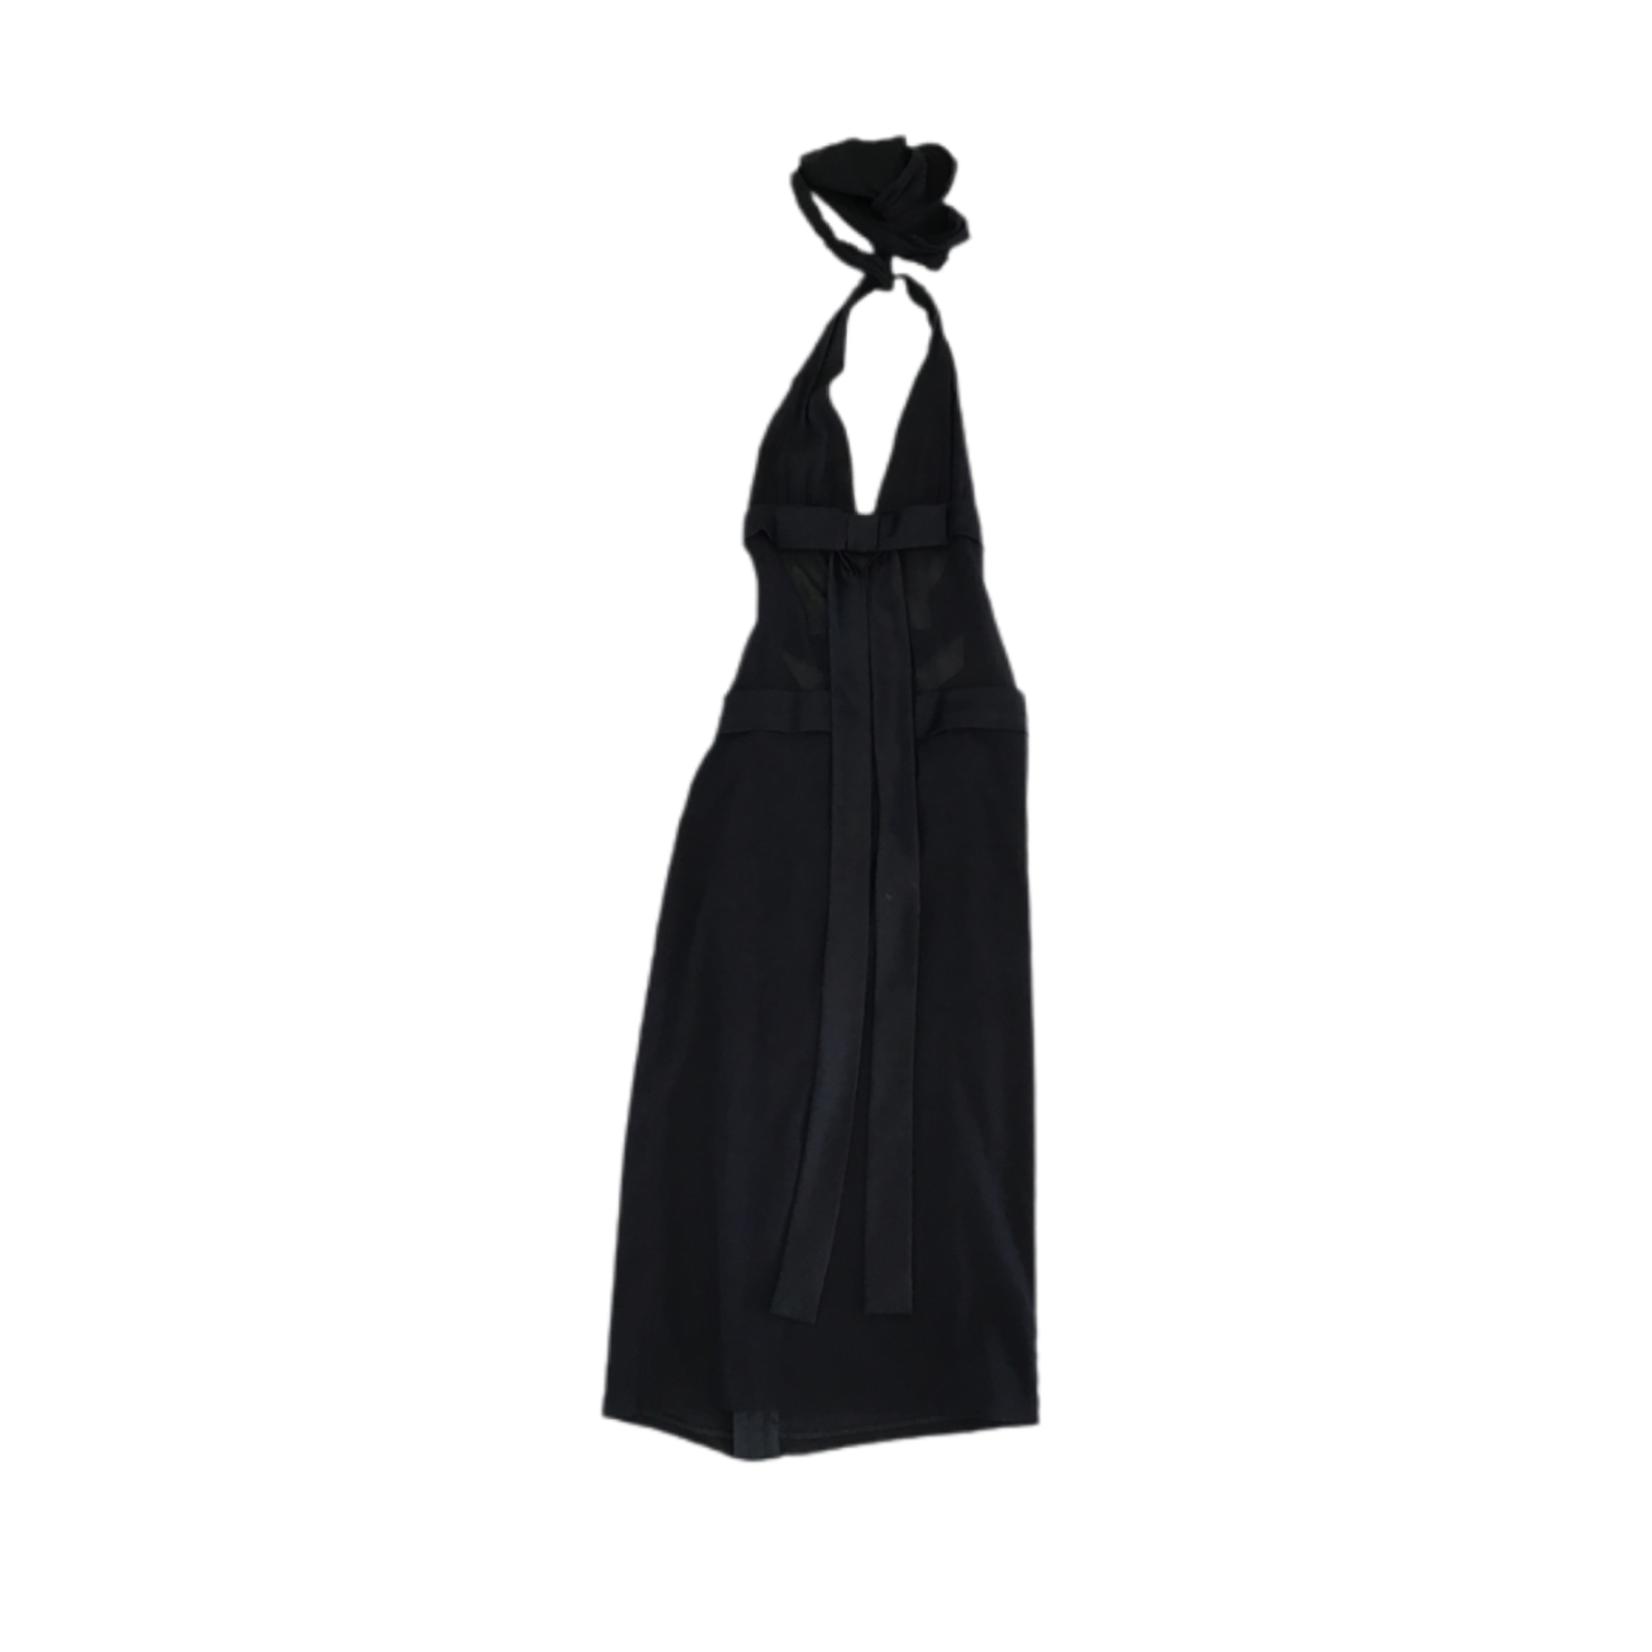 Wyld Blue Vintage Dolce & Gabbana Black Halter Dress